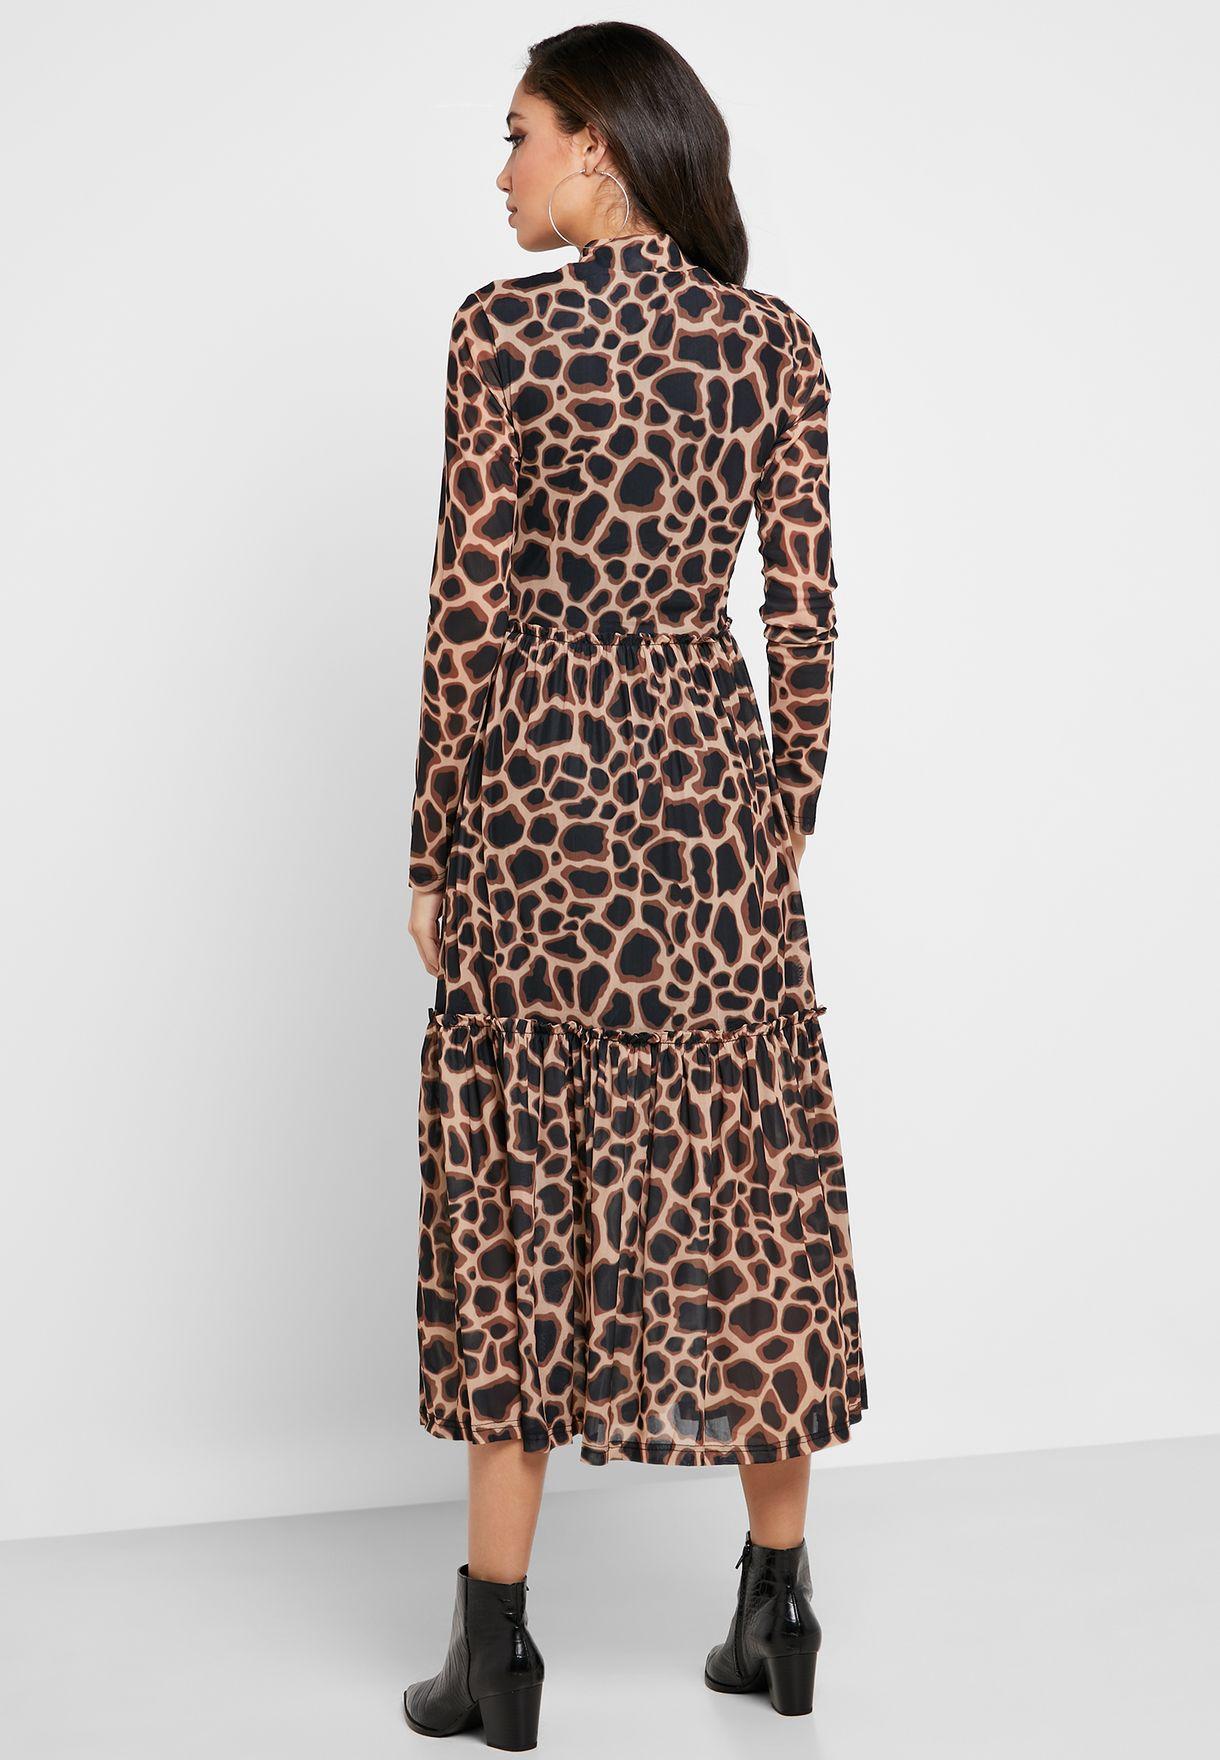 Printed Sheer Dress